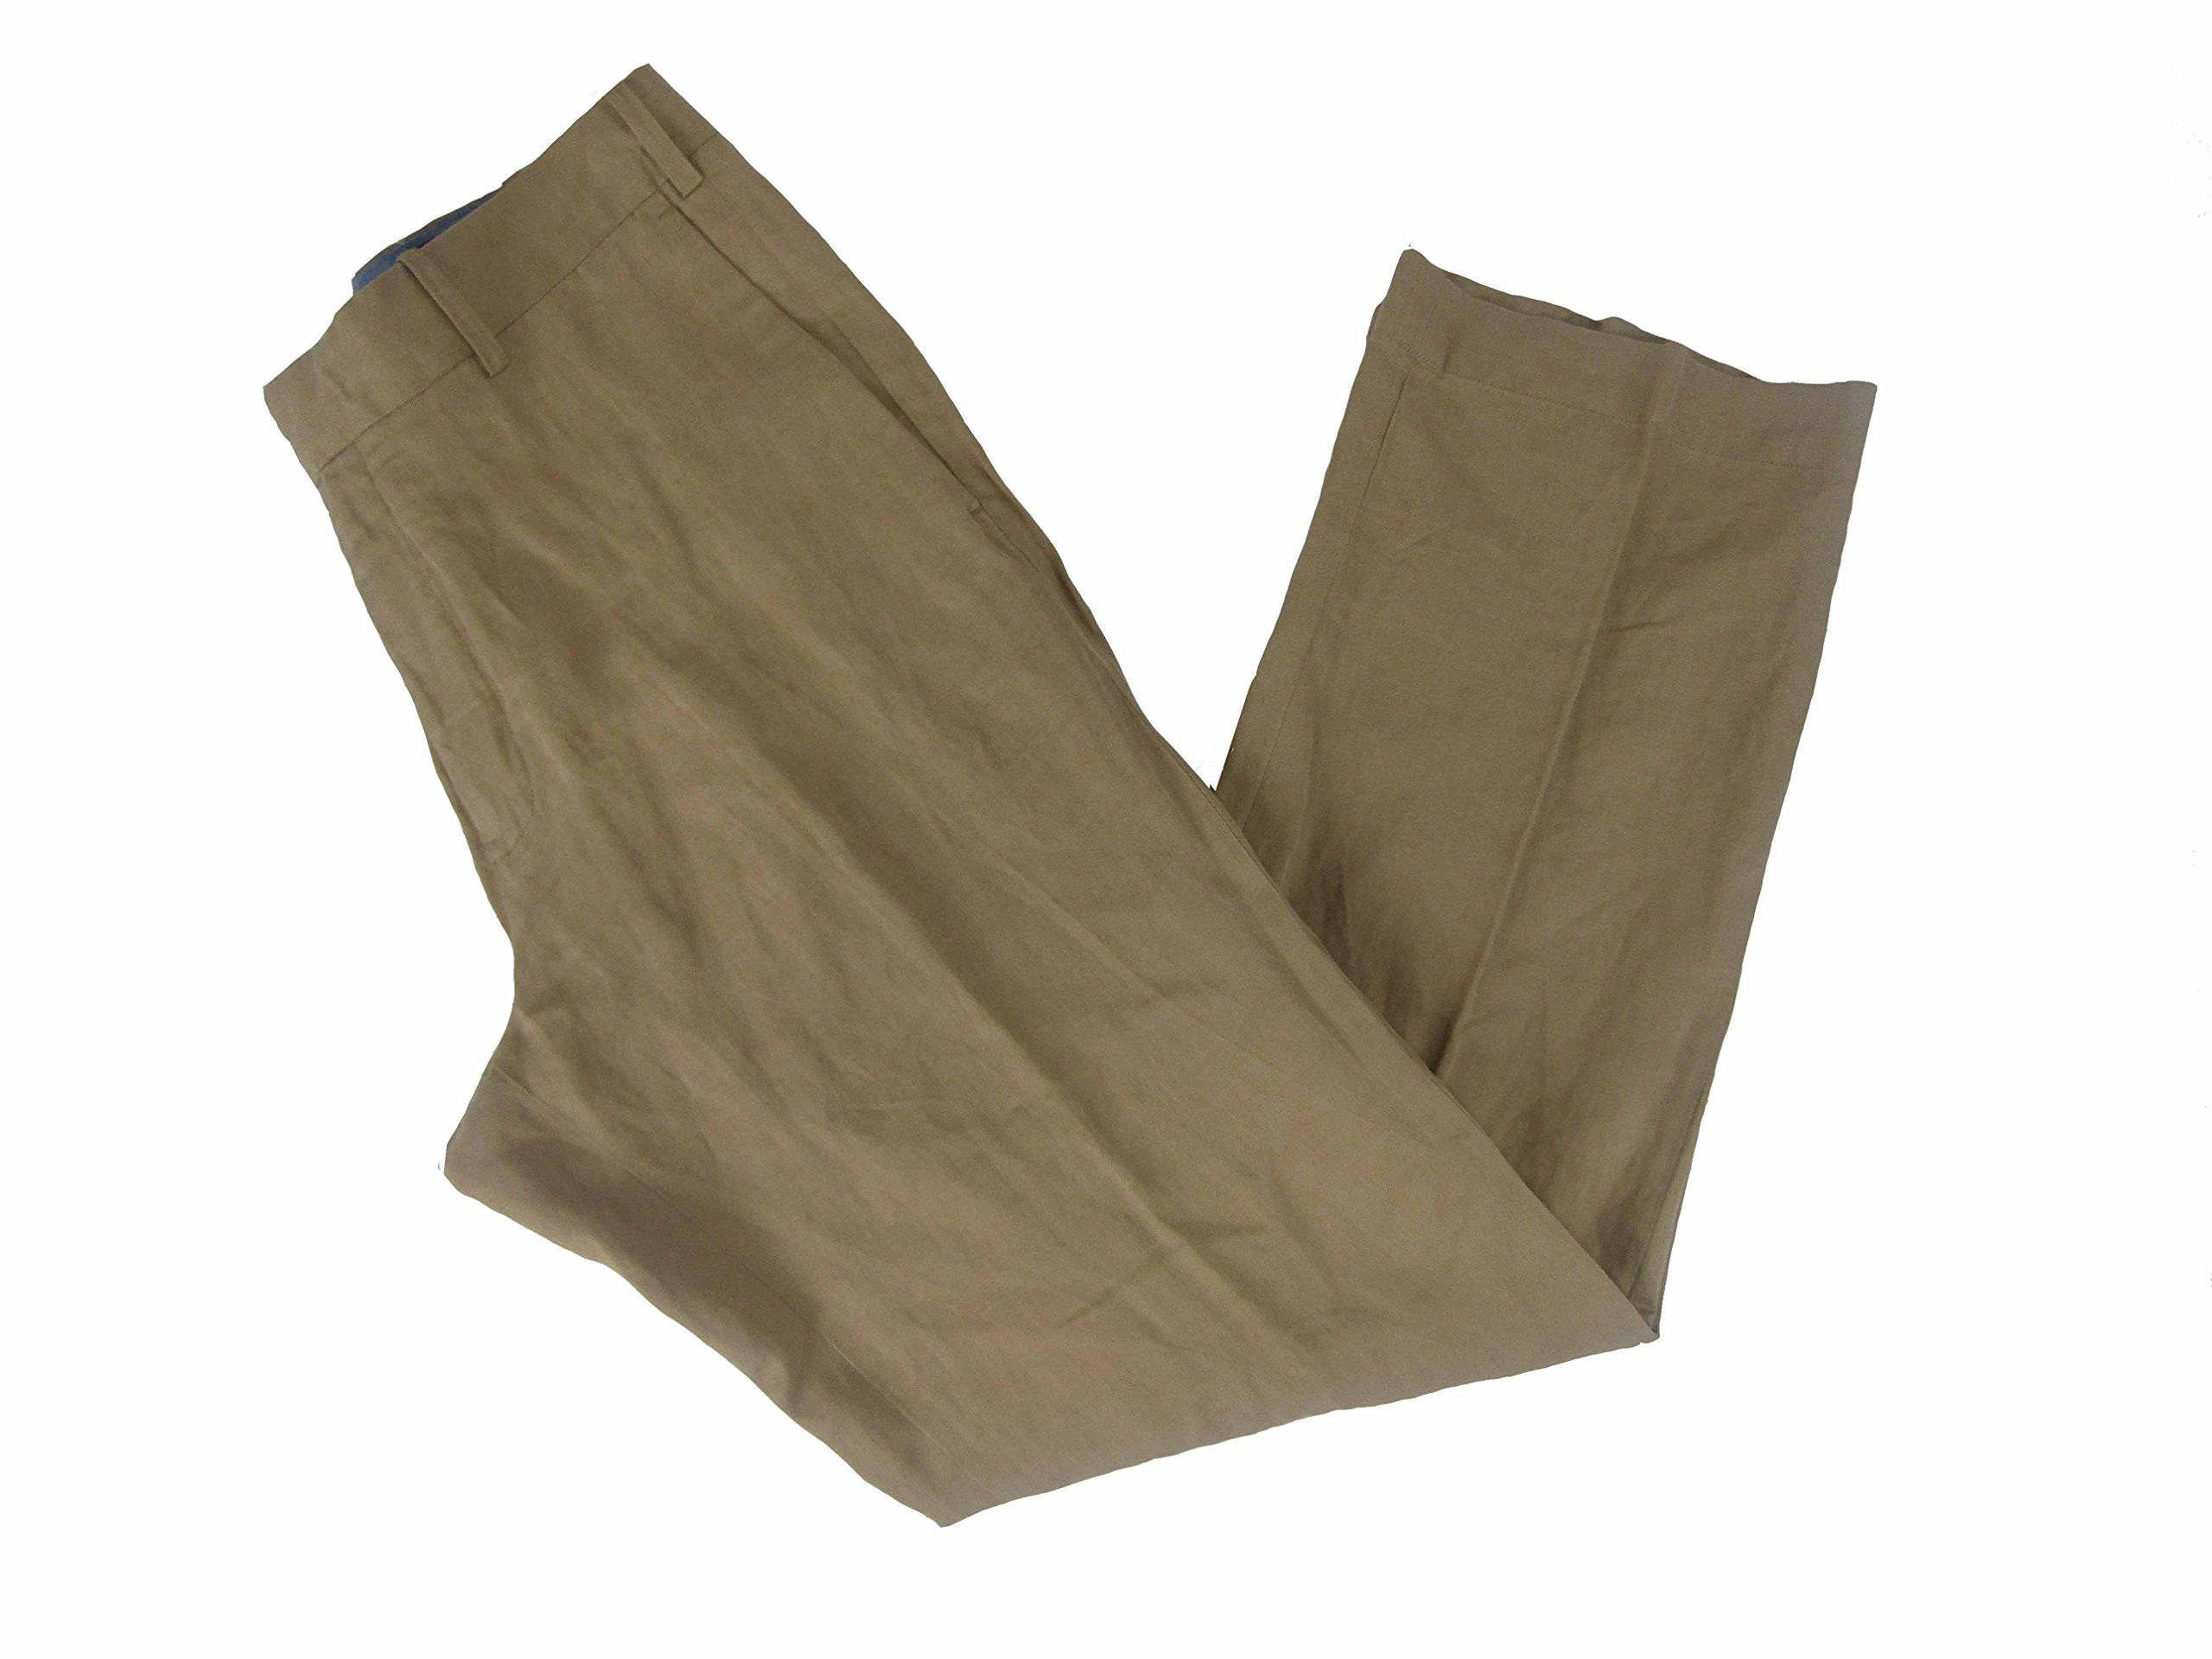 Polo Ralph Lauren Men's Classic Fit Hudson Pants (32 x 30, Tan)